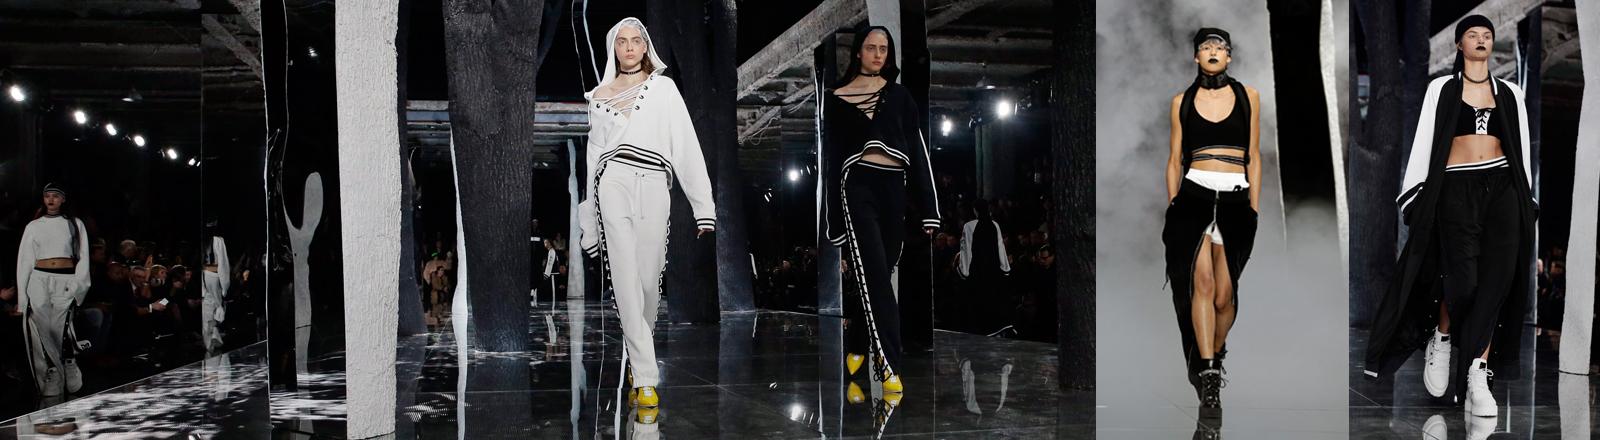 Rihannas Modekollektion auf der Fashion Week in New York